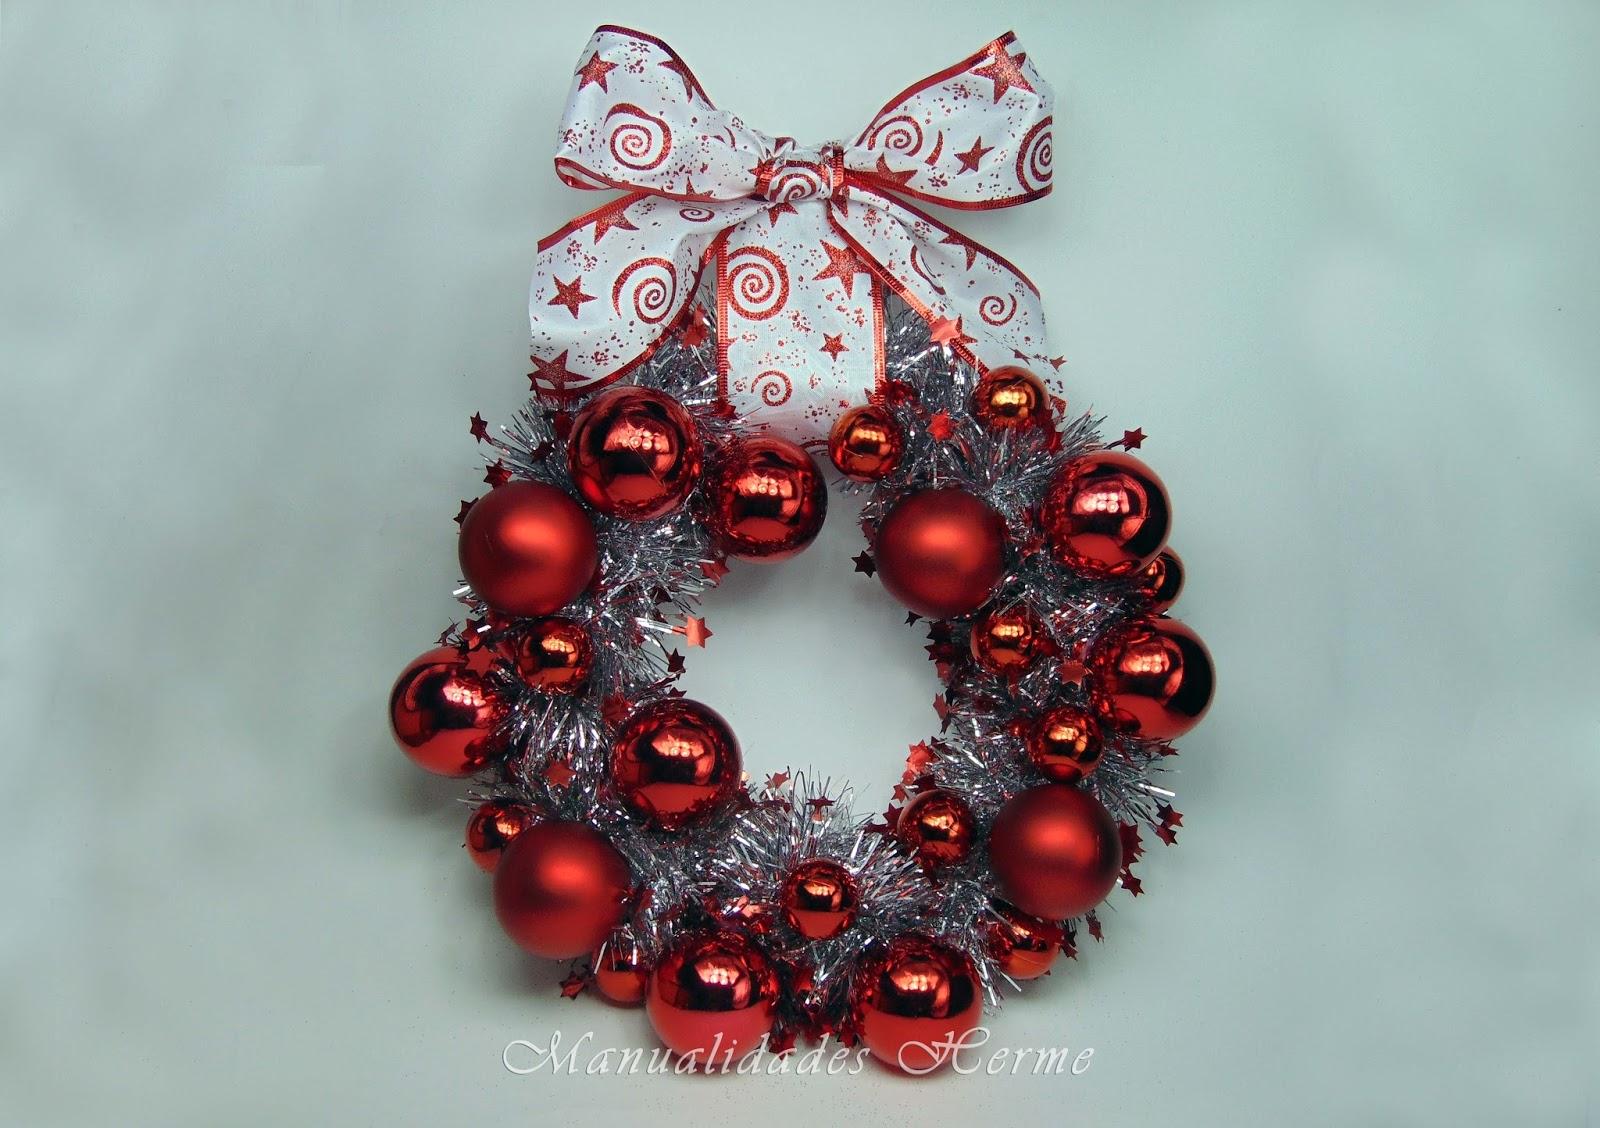 Manualidades herme hacer una corona para navidad - Coronas de navidad ...